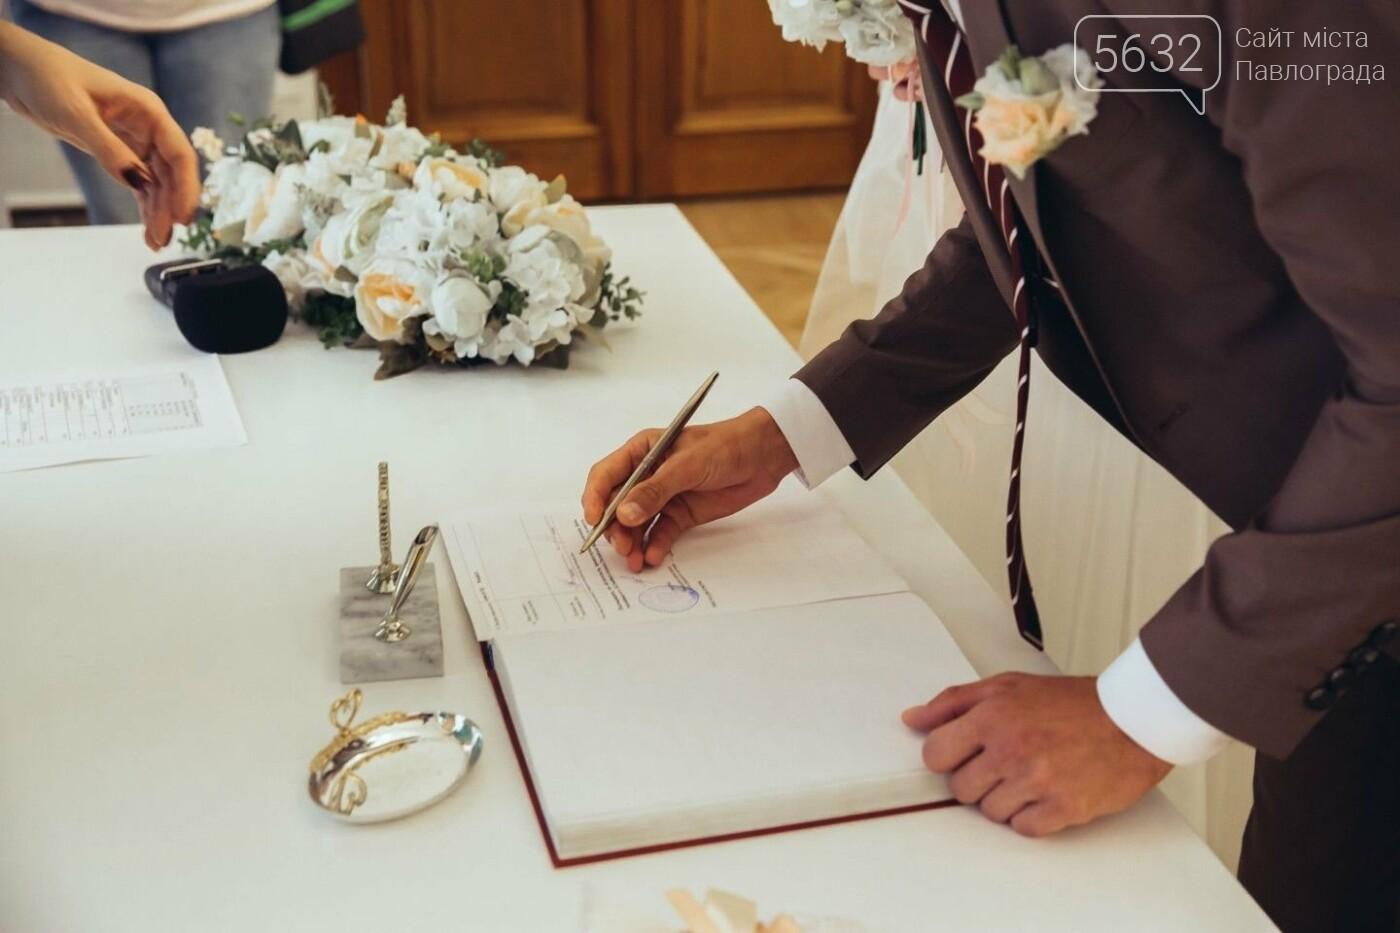 В этом году праздник влюблённых павлоградцы будут отмечать в рабочий день , фото-2